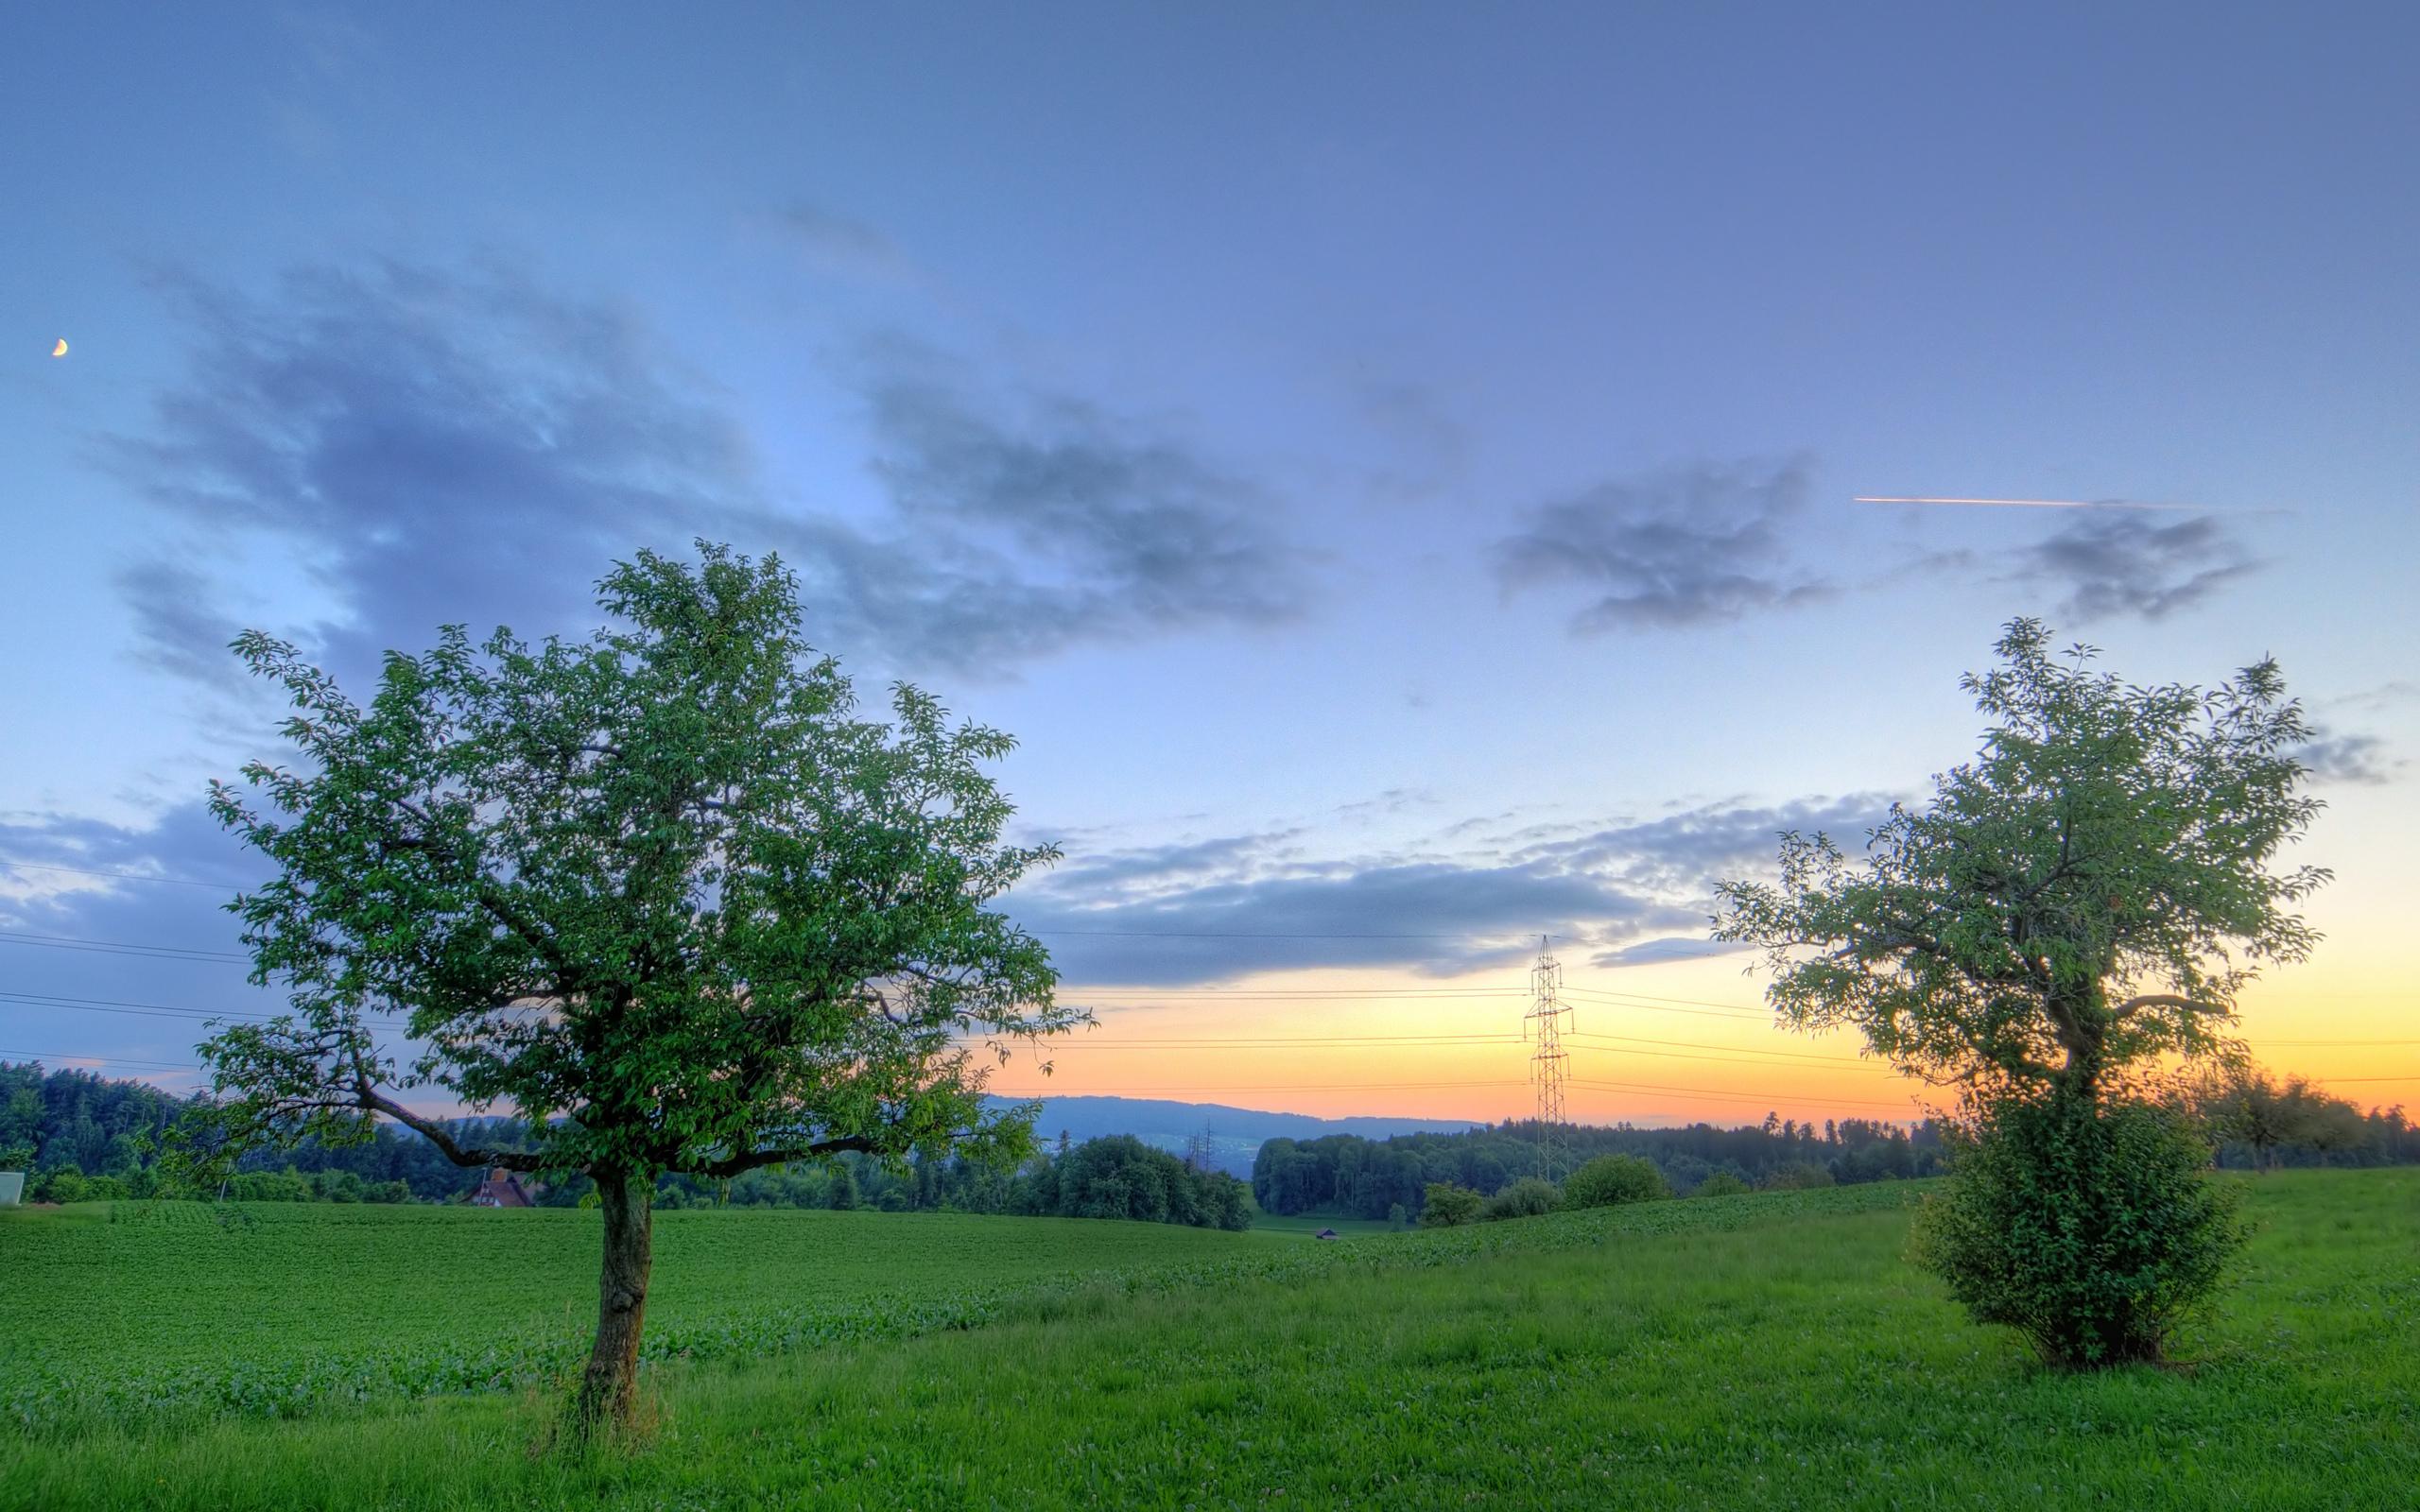 природа горизонт деревья вечер скачать